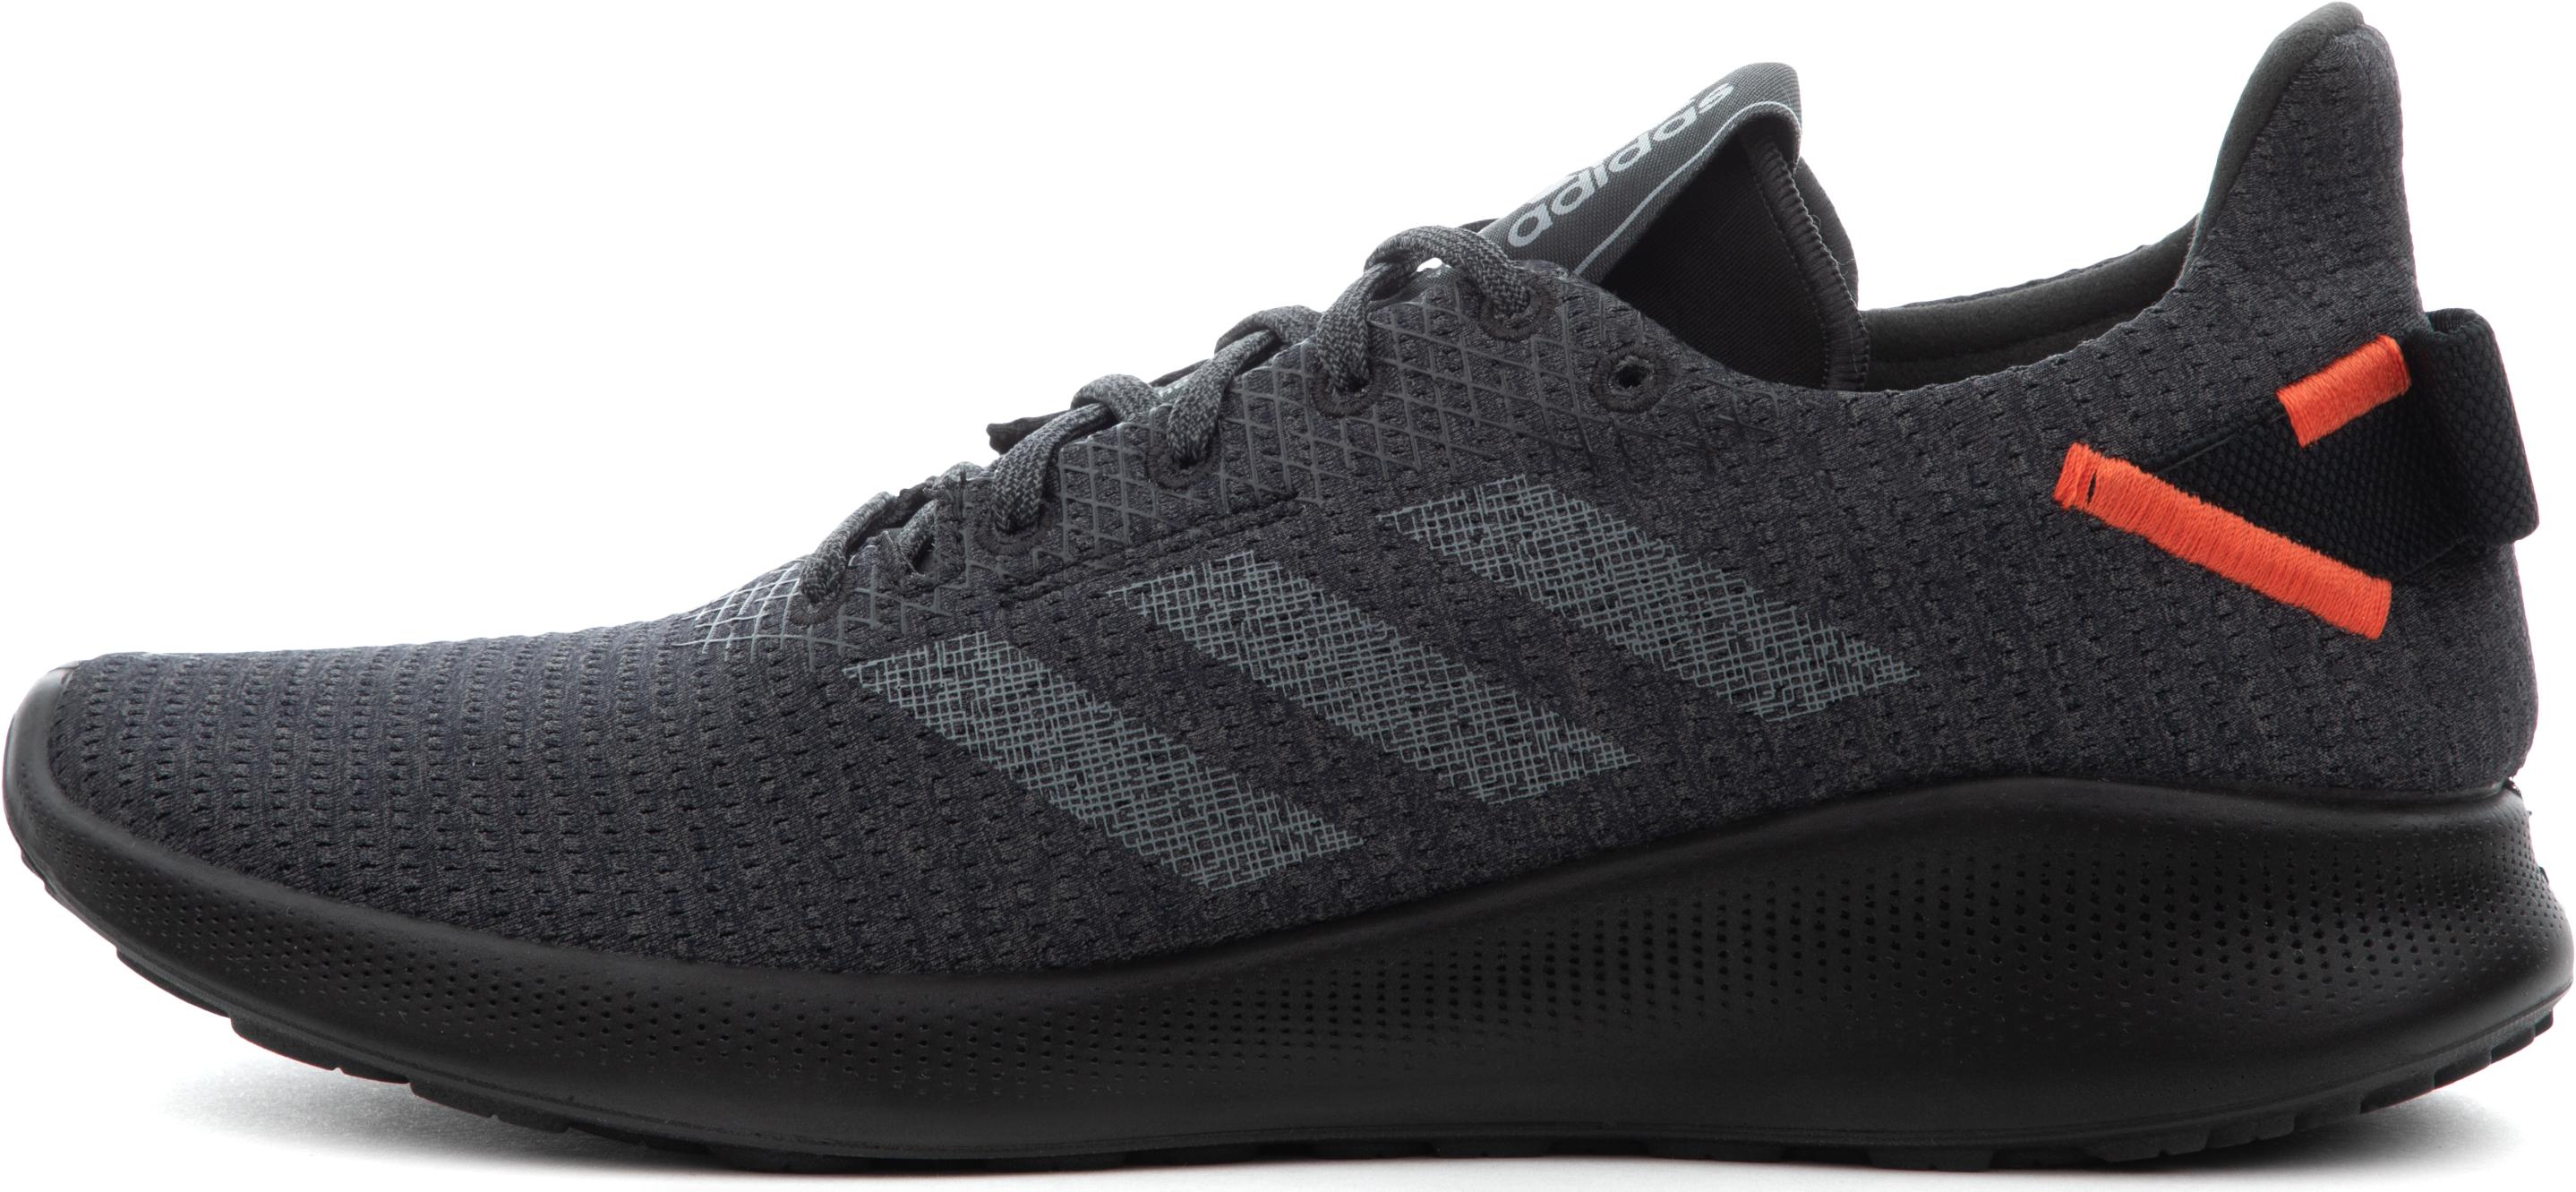 Adidas Кроссовки мужские для бега Adidas SenseBOUNCE +, размер 46 цена